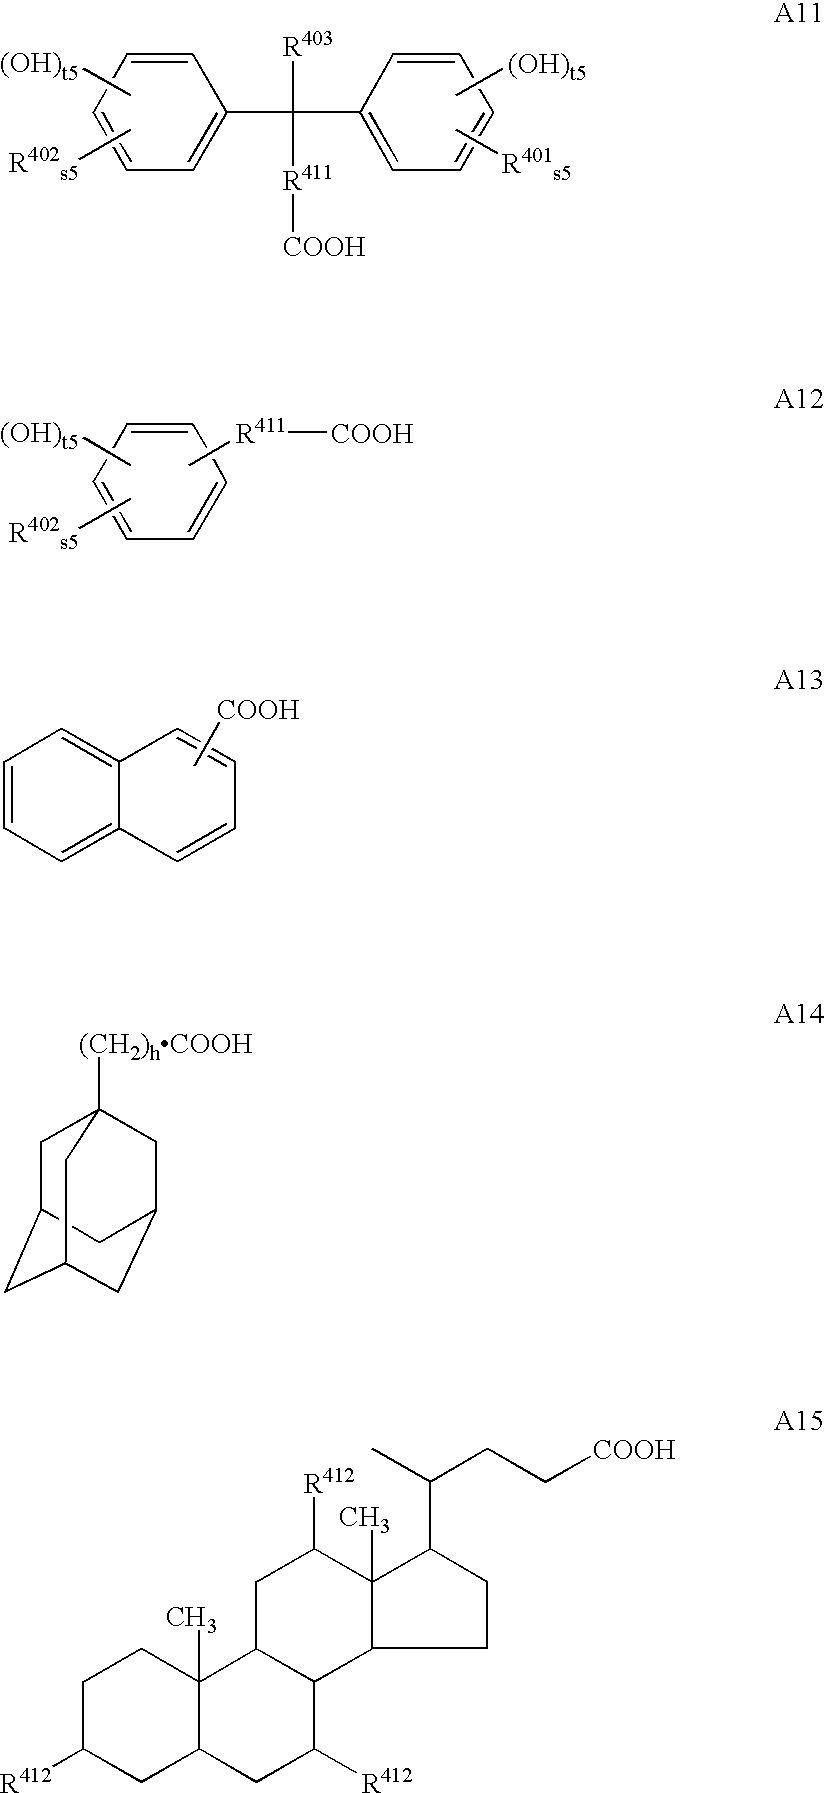 Figure US20030207201A1-20031106-C00054